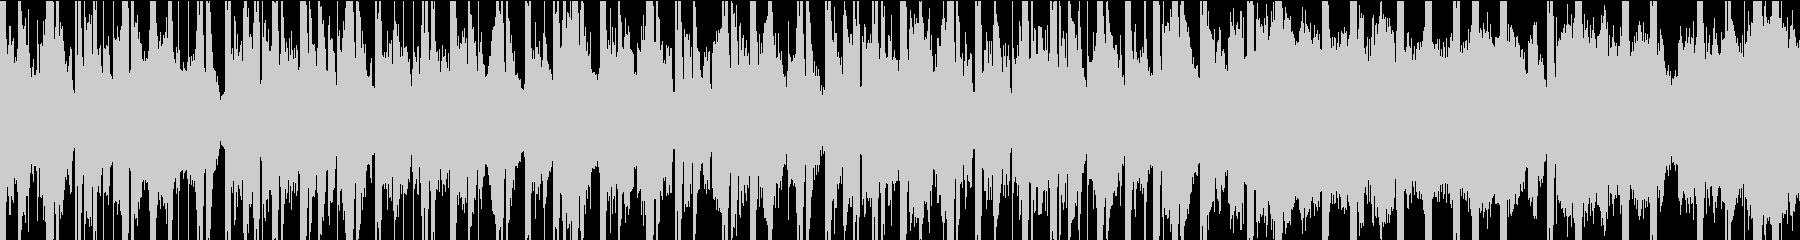 グルーヴィーなベースラインと渦巻き...の未再生の波形